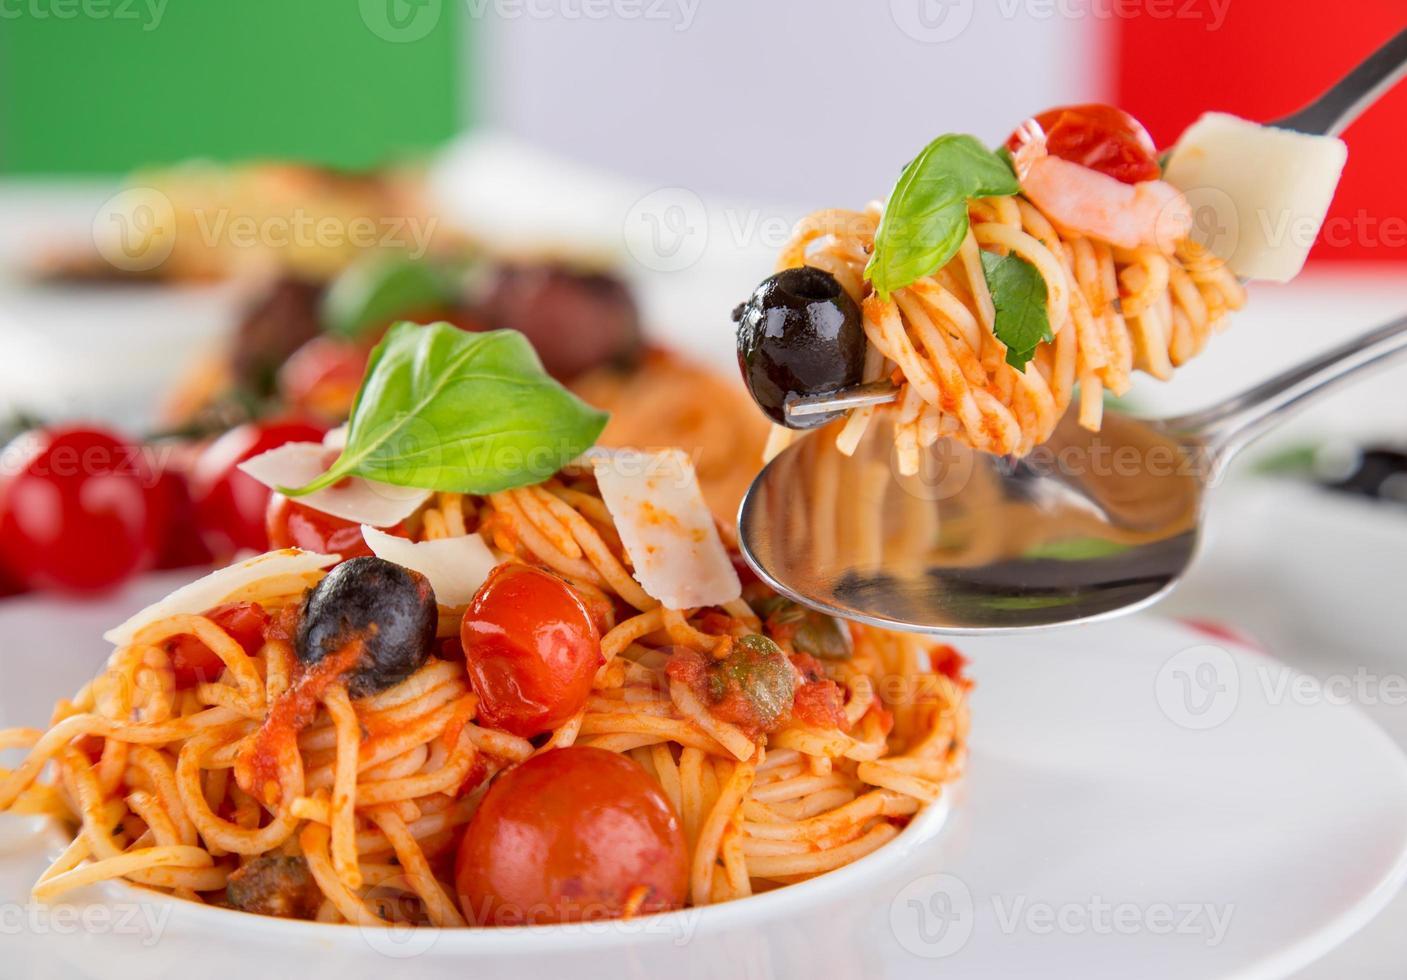 pasta italiana con tomate foto